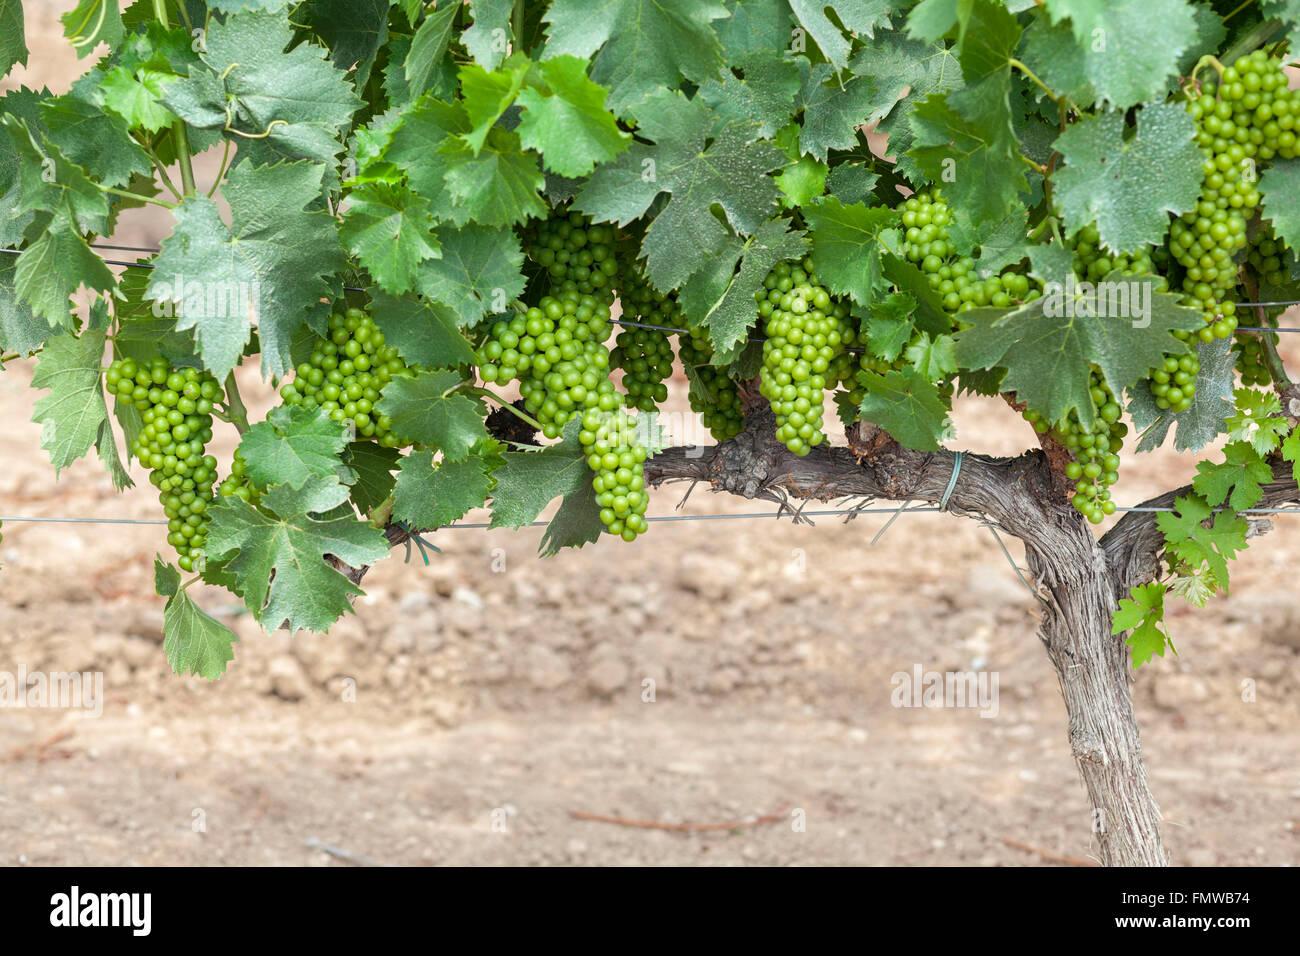 Vigneti grappoli di uva Vilafranca del Penedès,Catalogna,Spagna. Immagini Stock